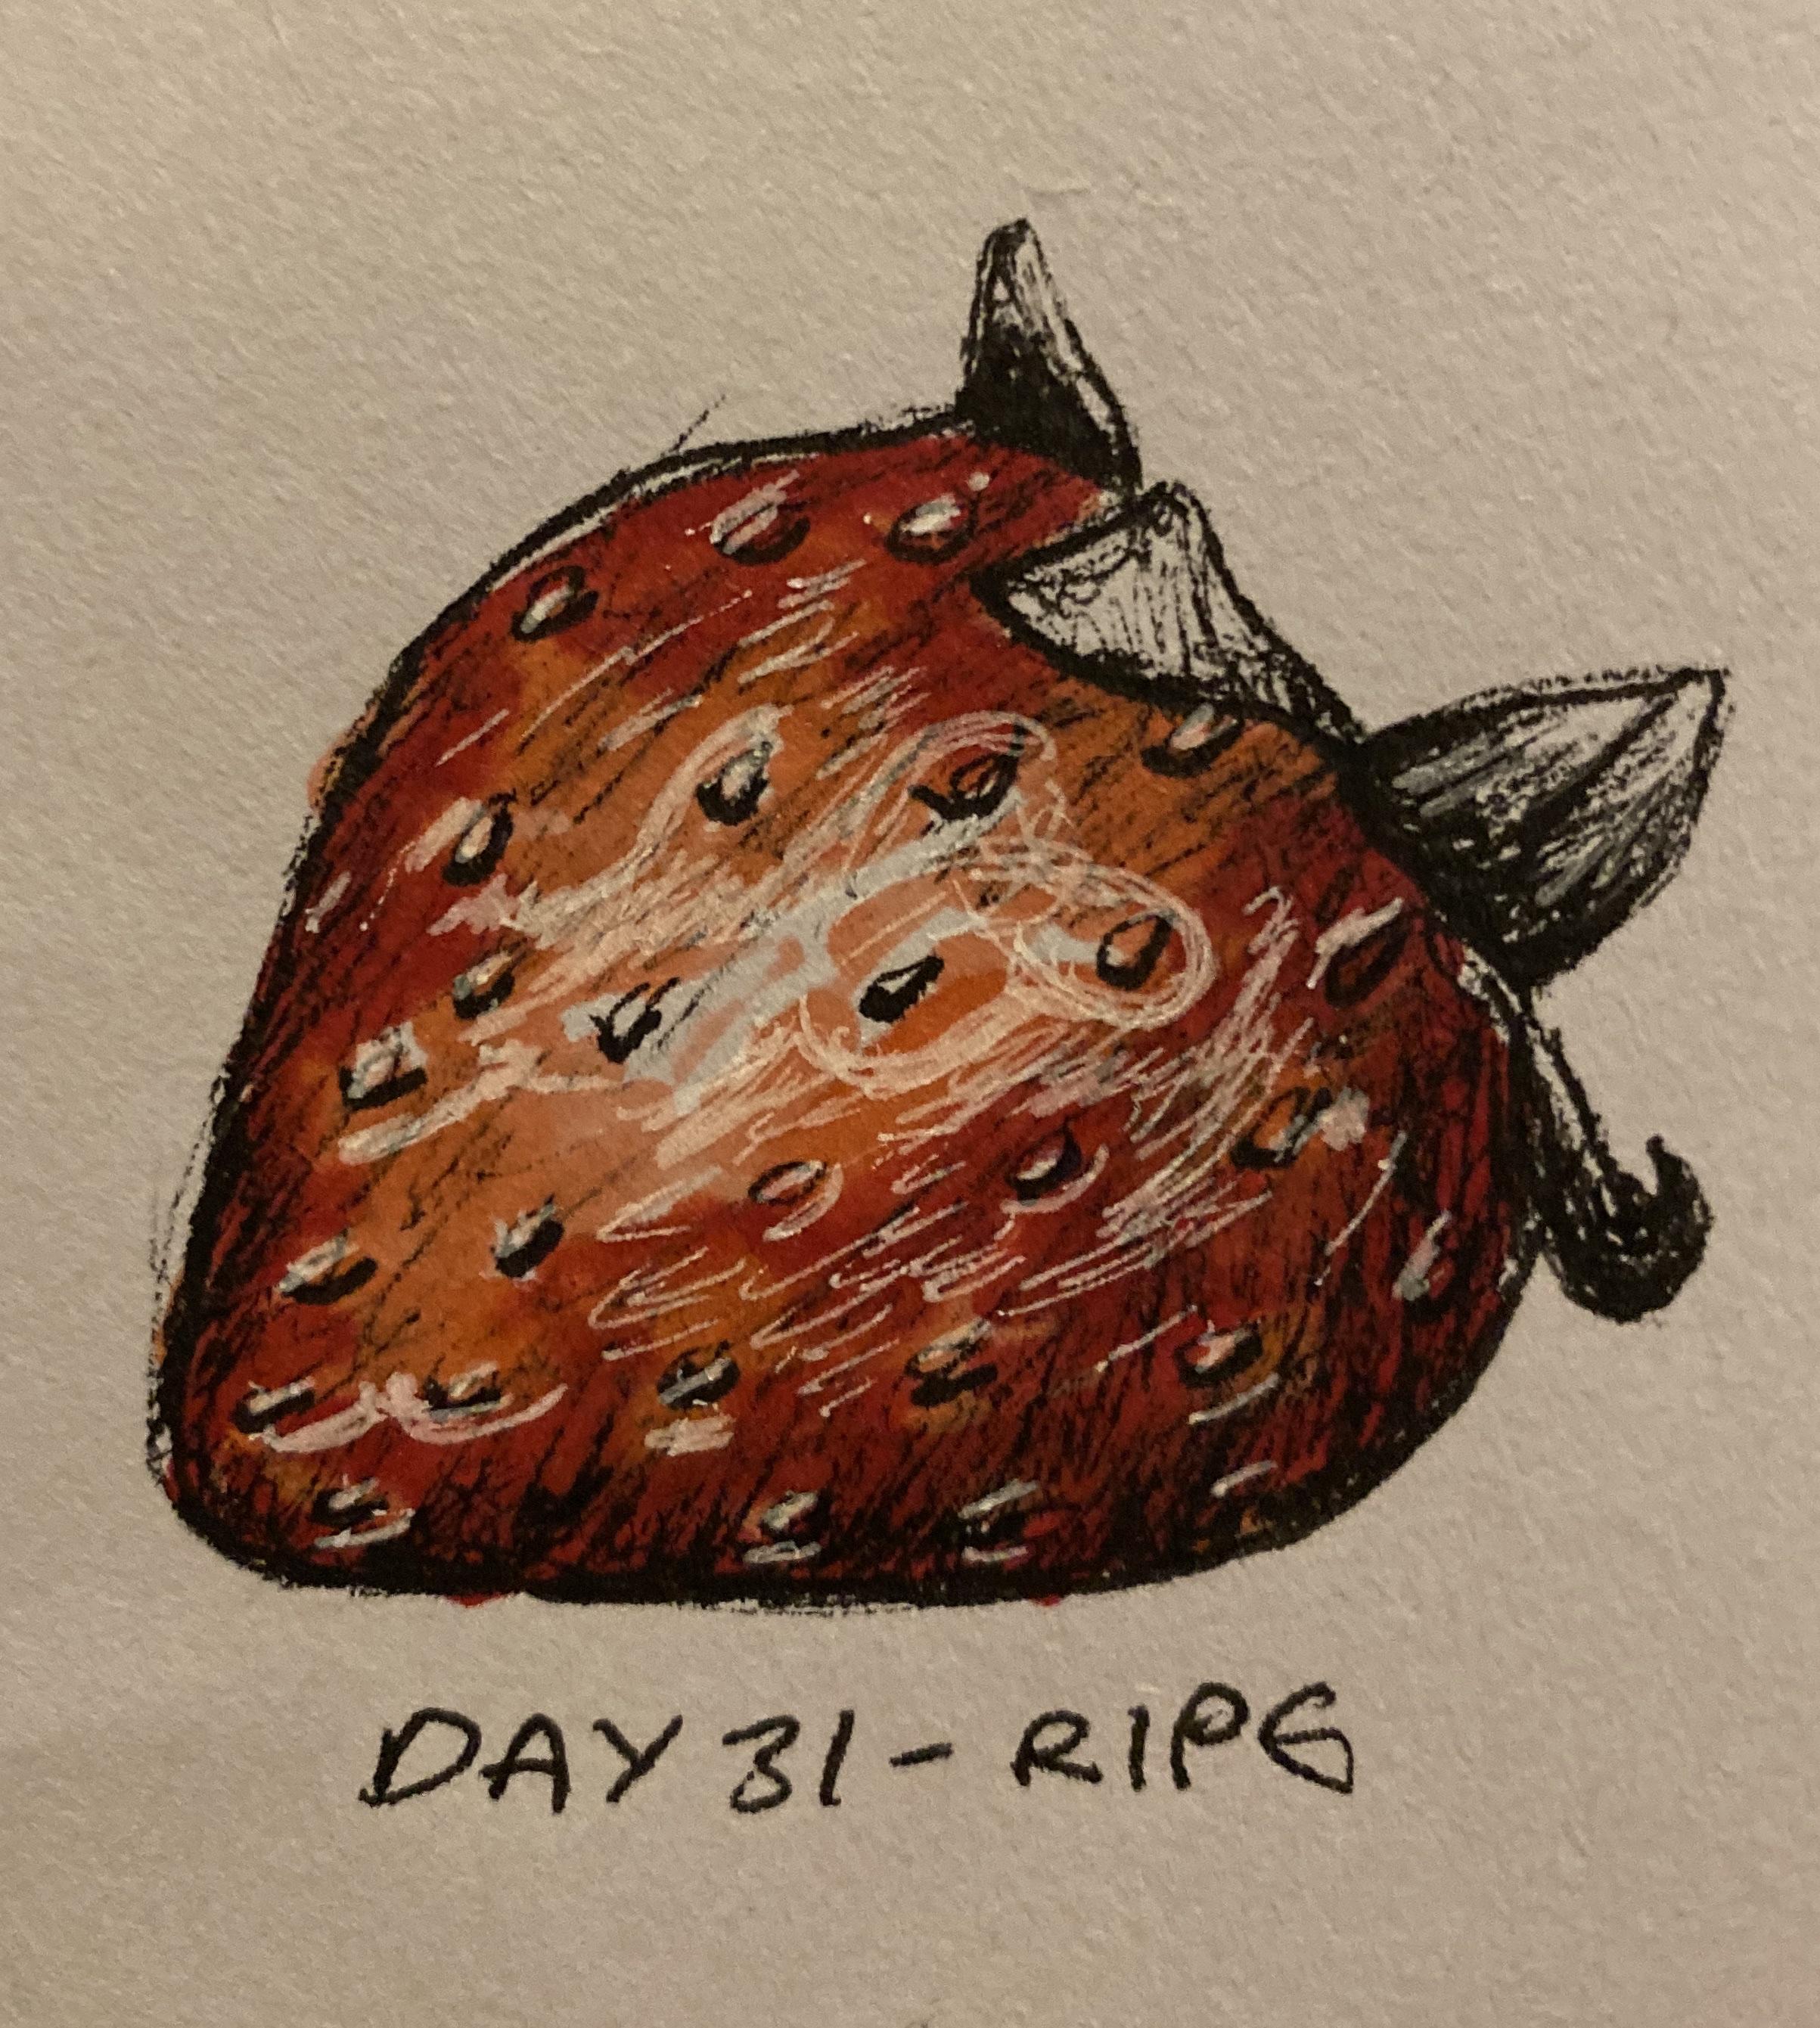 Day 31 Inktober - Ripe